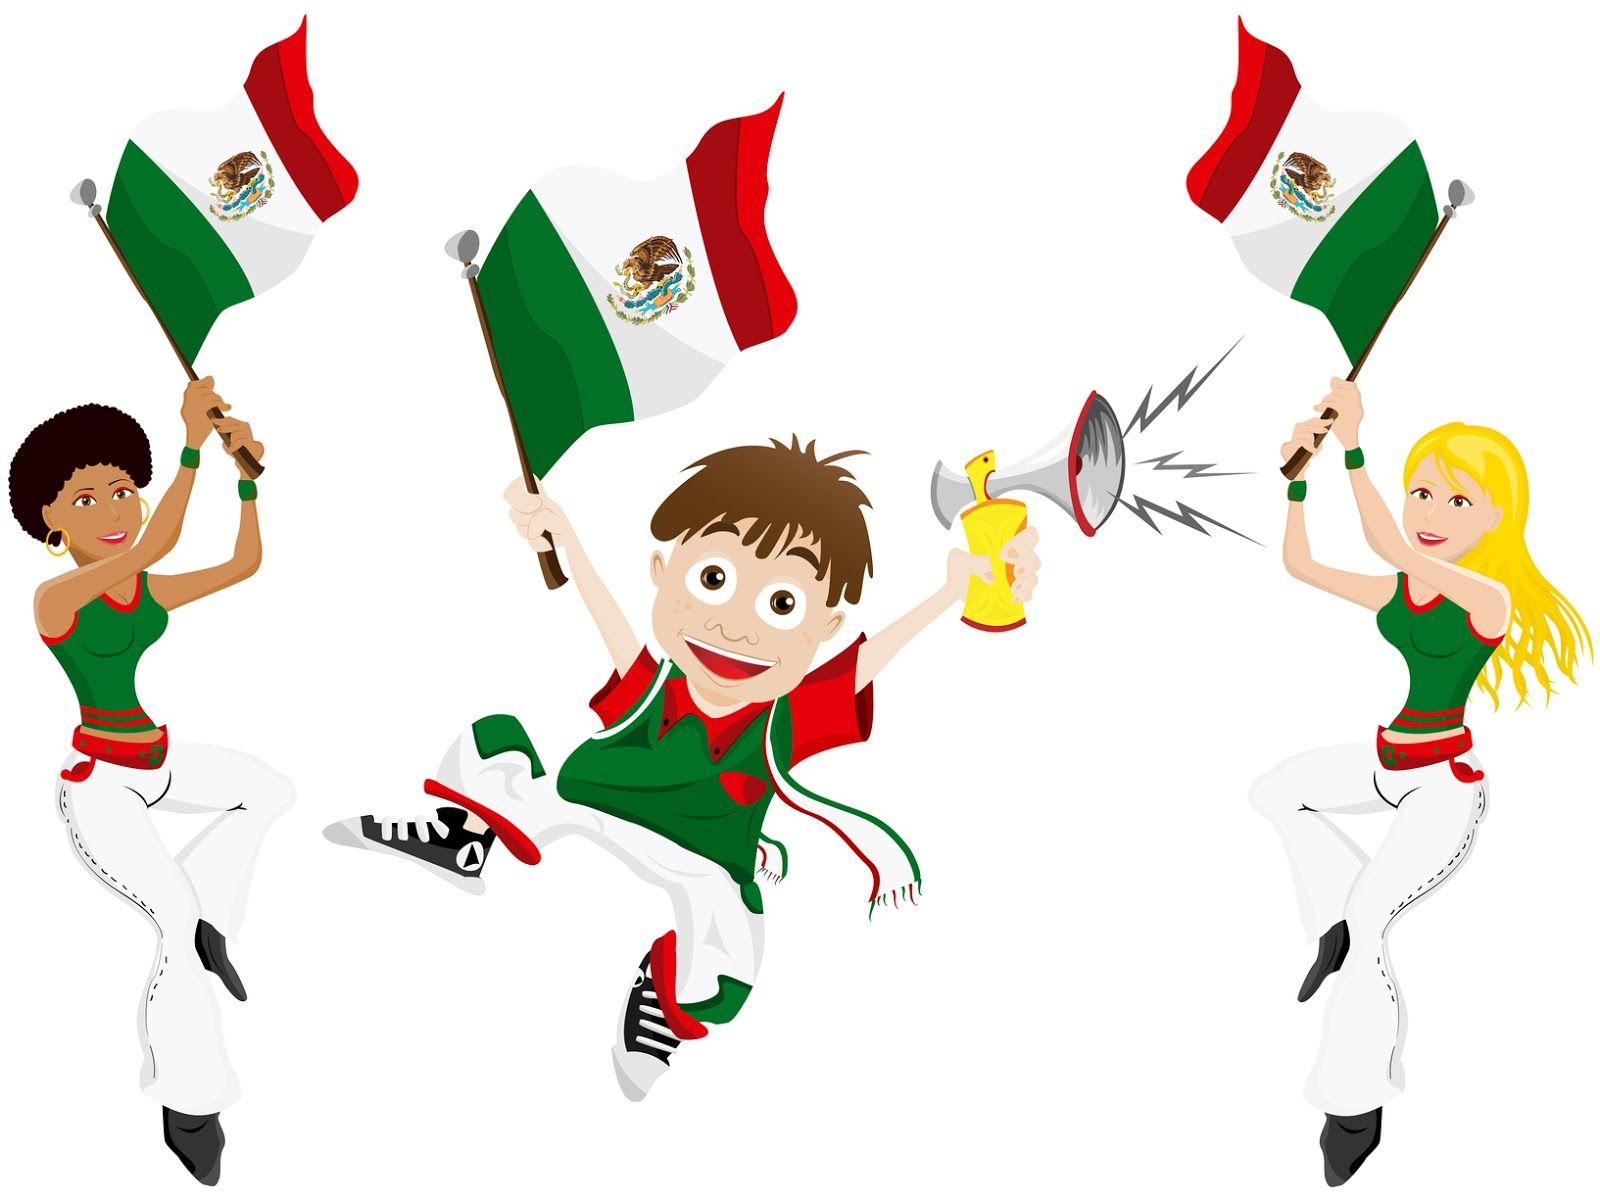 Imagenes+del+Dia+de+la+Independencia+Mexico+16+de